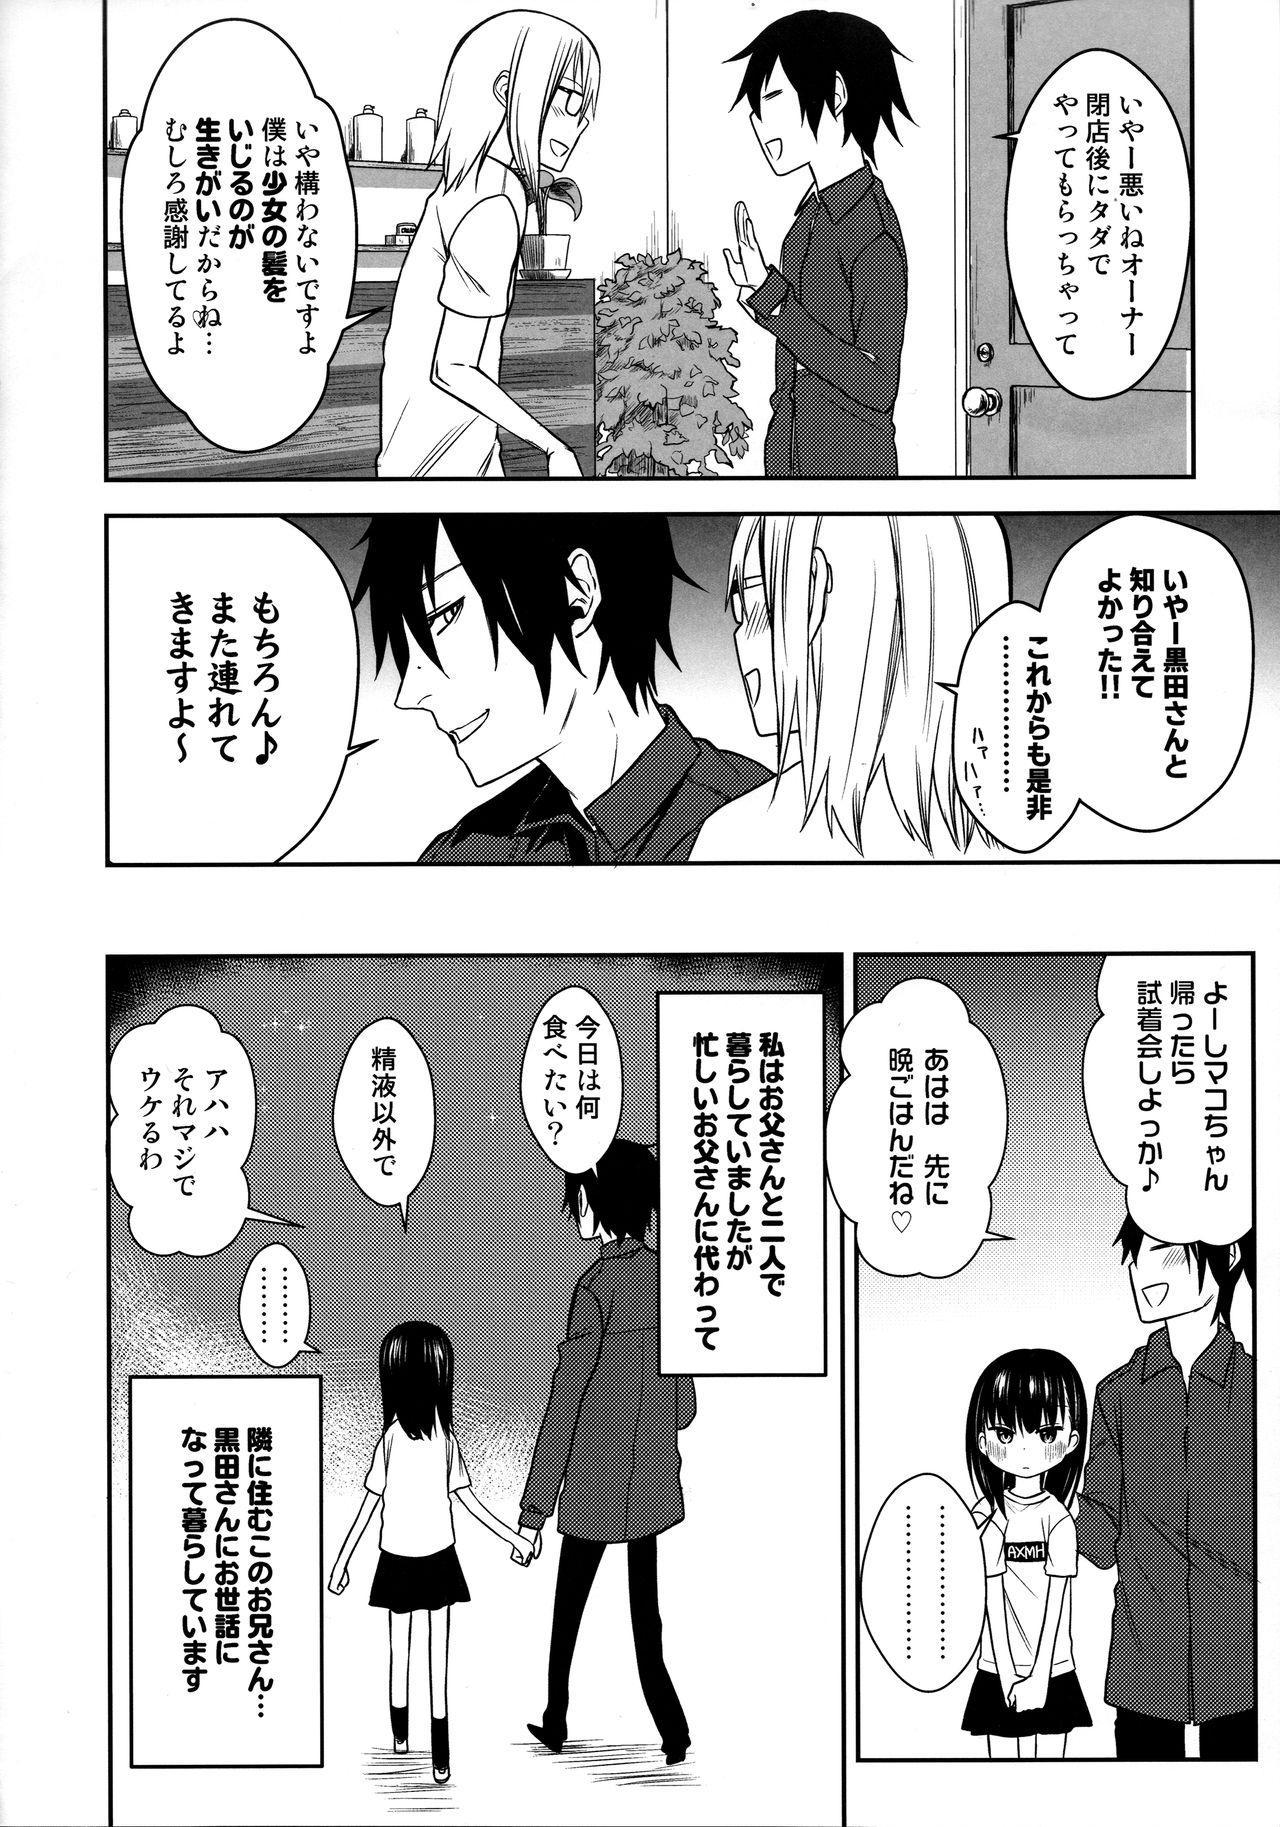 Tonari no Mako-chan Season 2 Vol. 1 5